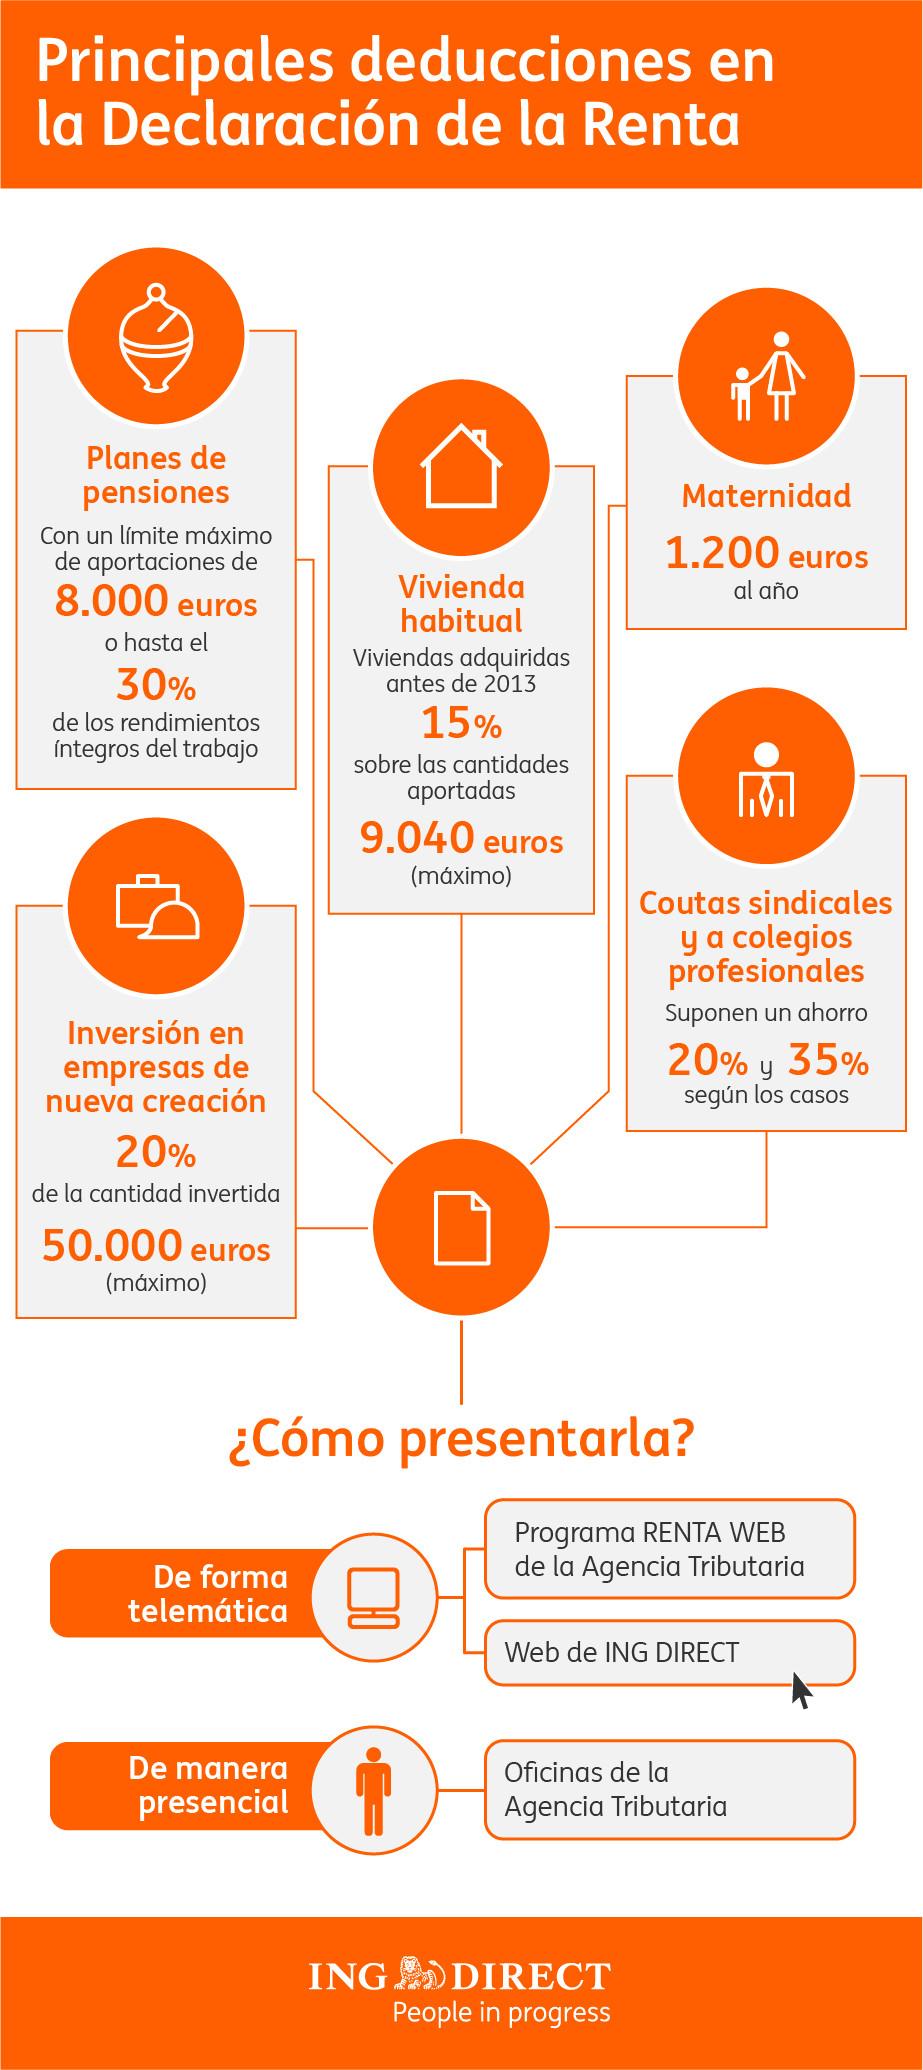 Principales deducciones de la Declaración de la Renta #infografia #infographic